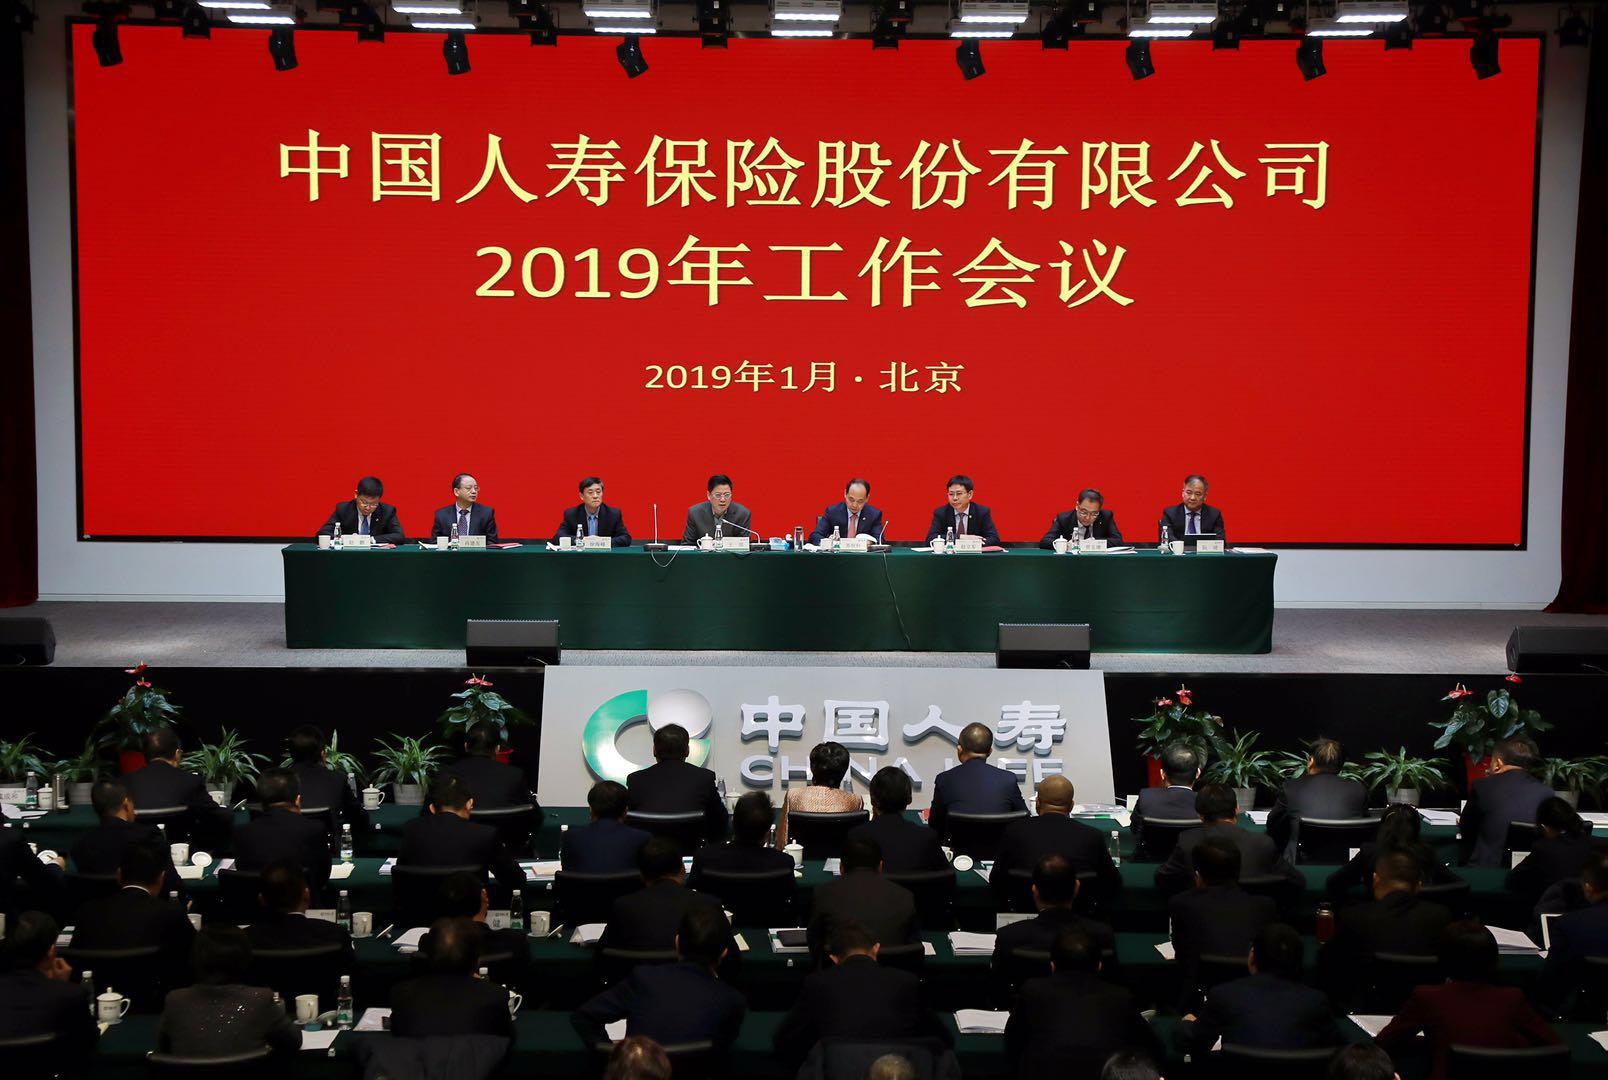 """""""重振国寿再出发"""" 中国人寿提出新时代定位"""